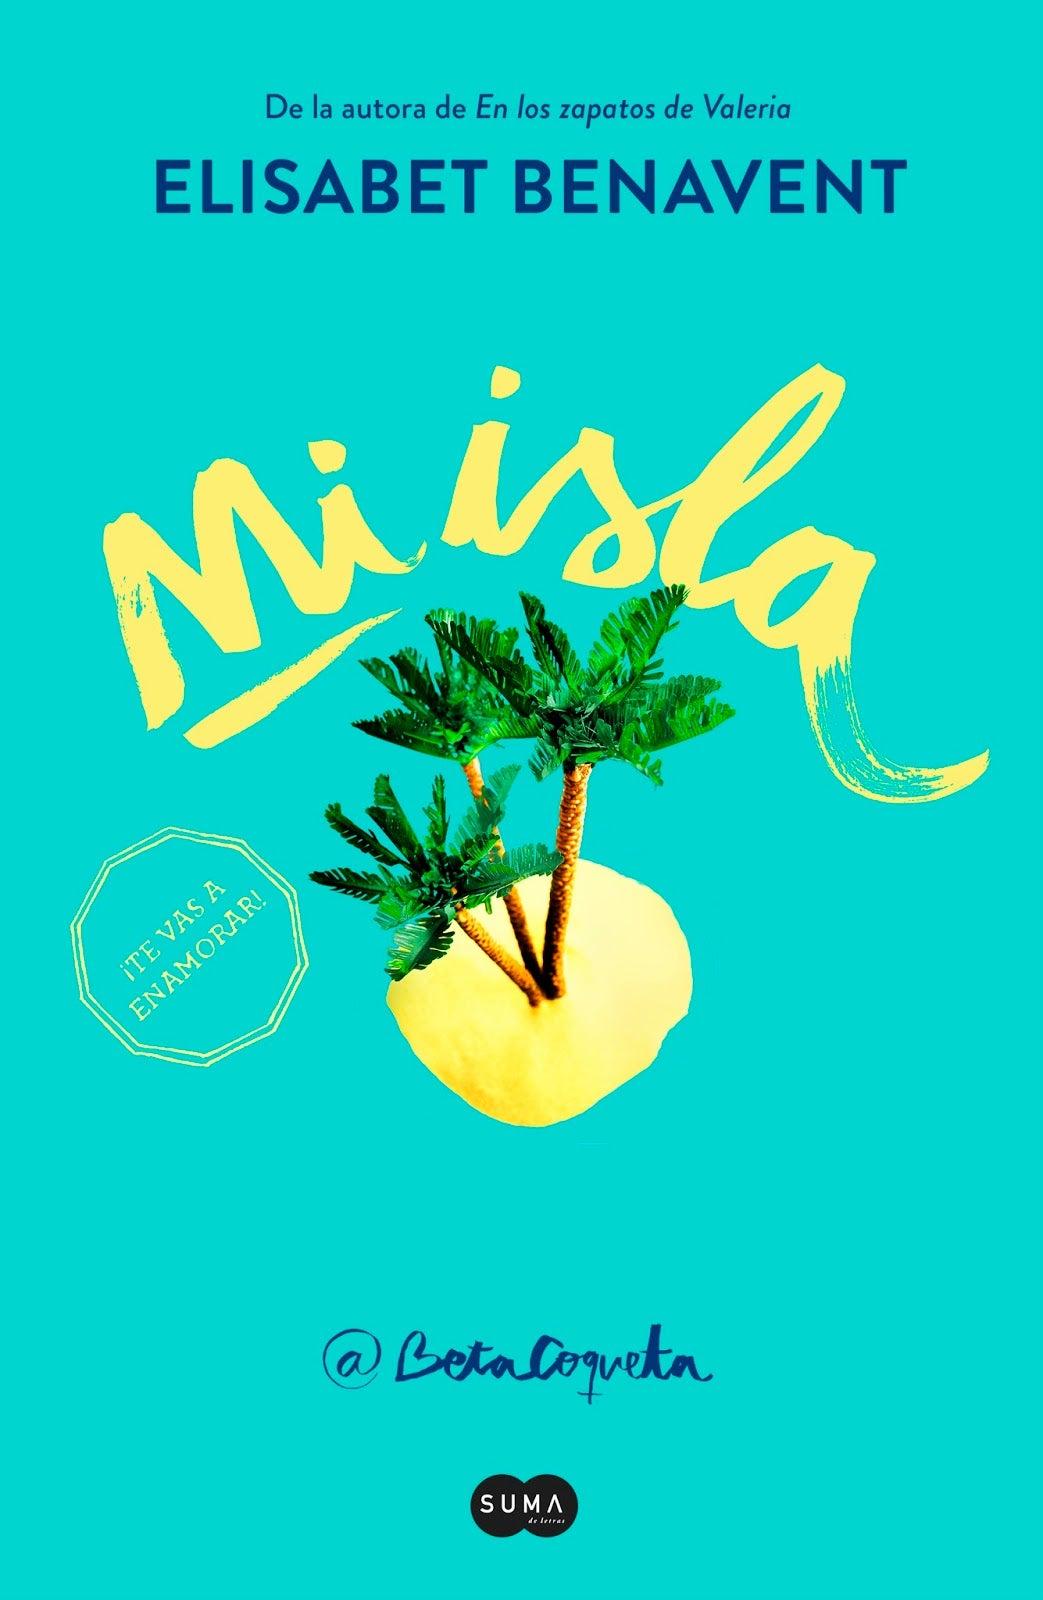 mi-isla-elisabet-benavent-portada